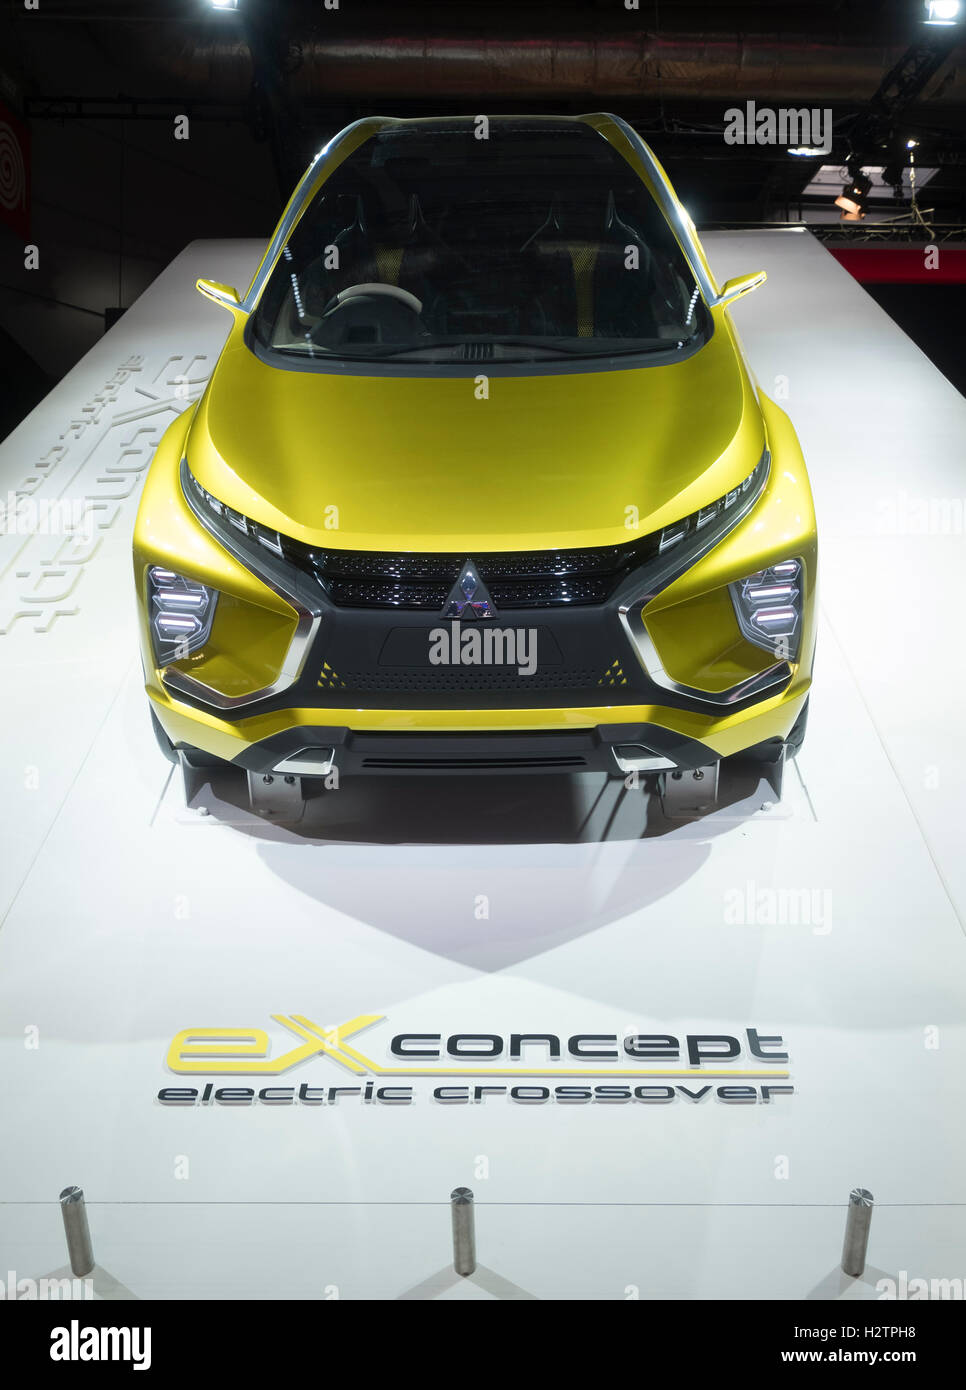 EX Mitsubishi Electric crossover Concept al Salone di Parigi 2016 Immagini Stock